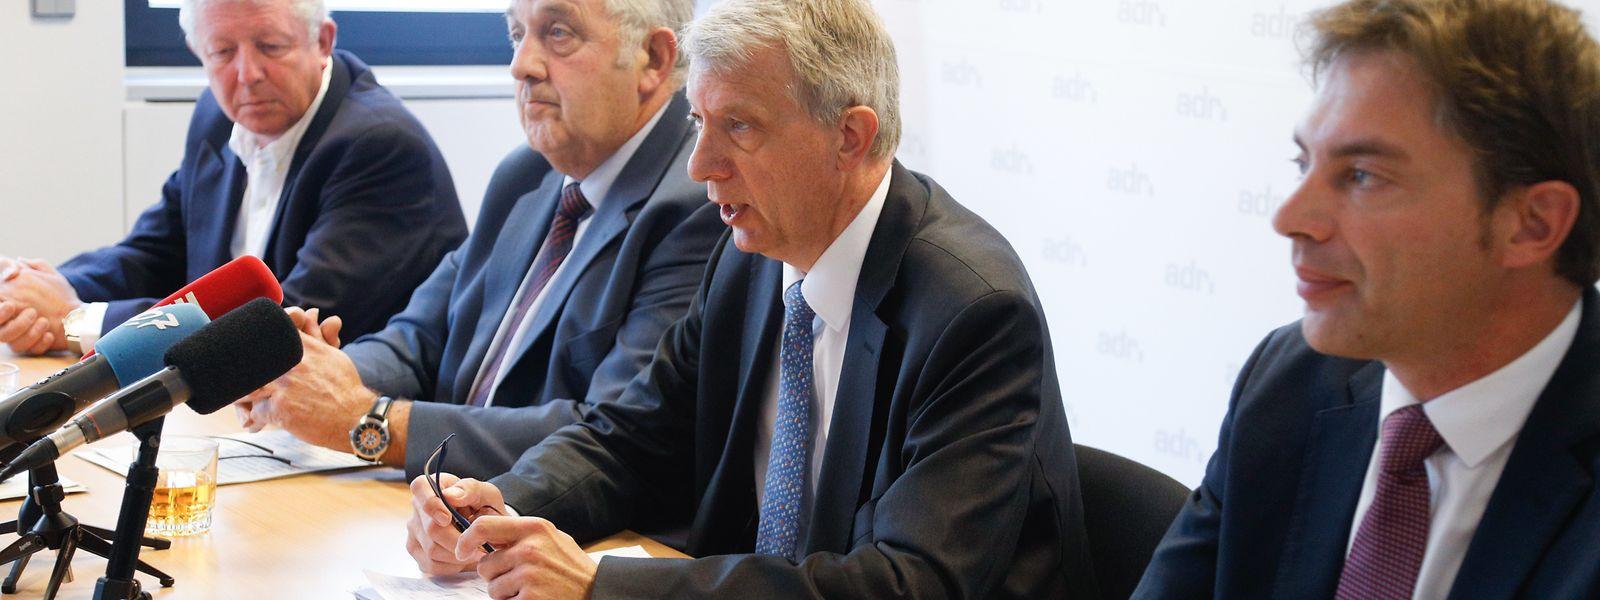 Roy Reding, Jeff Engelen, Fernand Kartheiser und Fred Keup üben nach der Journée parlementaire der ADR Kritik an der Regierung.